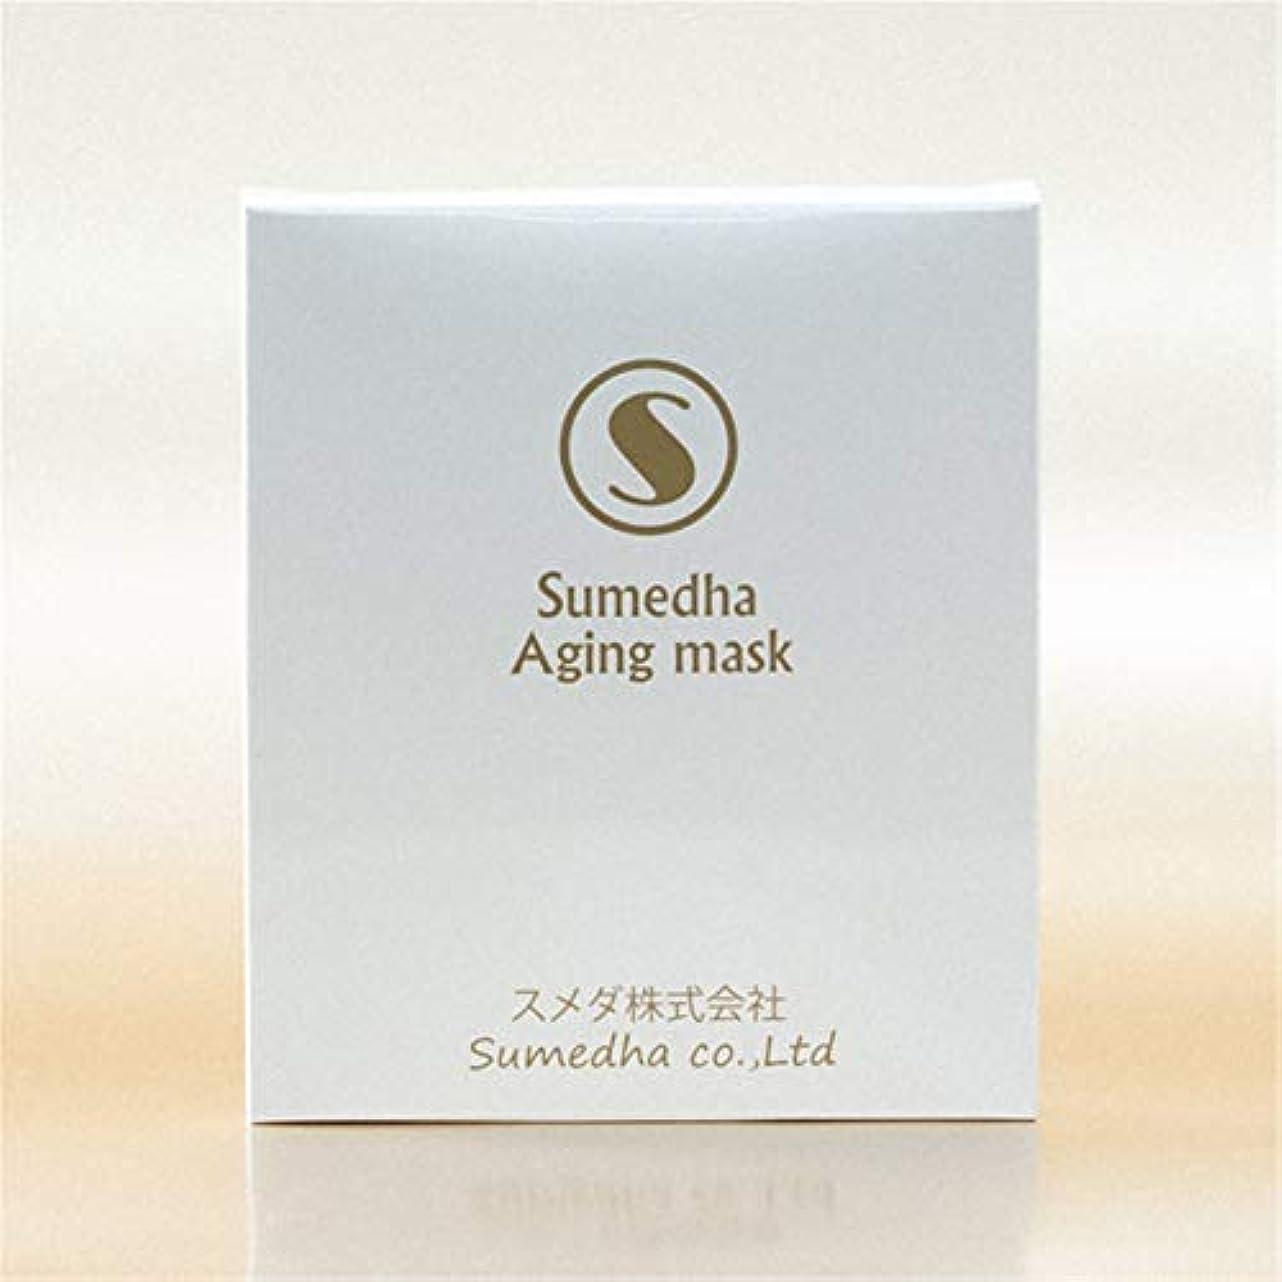 セールスマンモニター隠すフェイスマスク Sumedha パック 保湿マスク 日本製 マスク フェイスパック 3枚入り 美白 美容 アンチセンシティブ 角質層修復 保湿 補水 敏感肌 発赤 アレルギー緩和 コーセー (a)